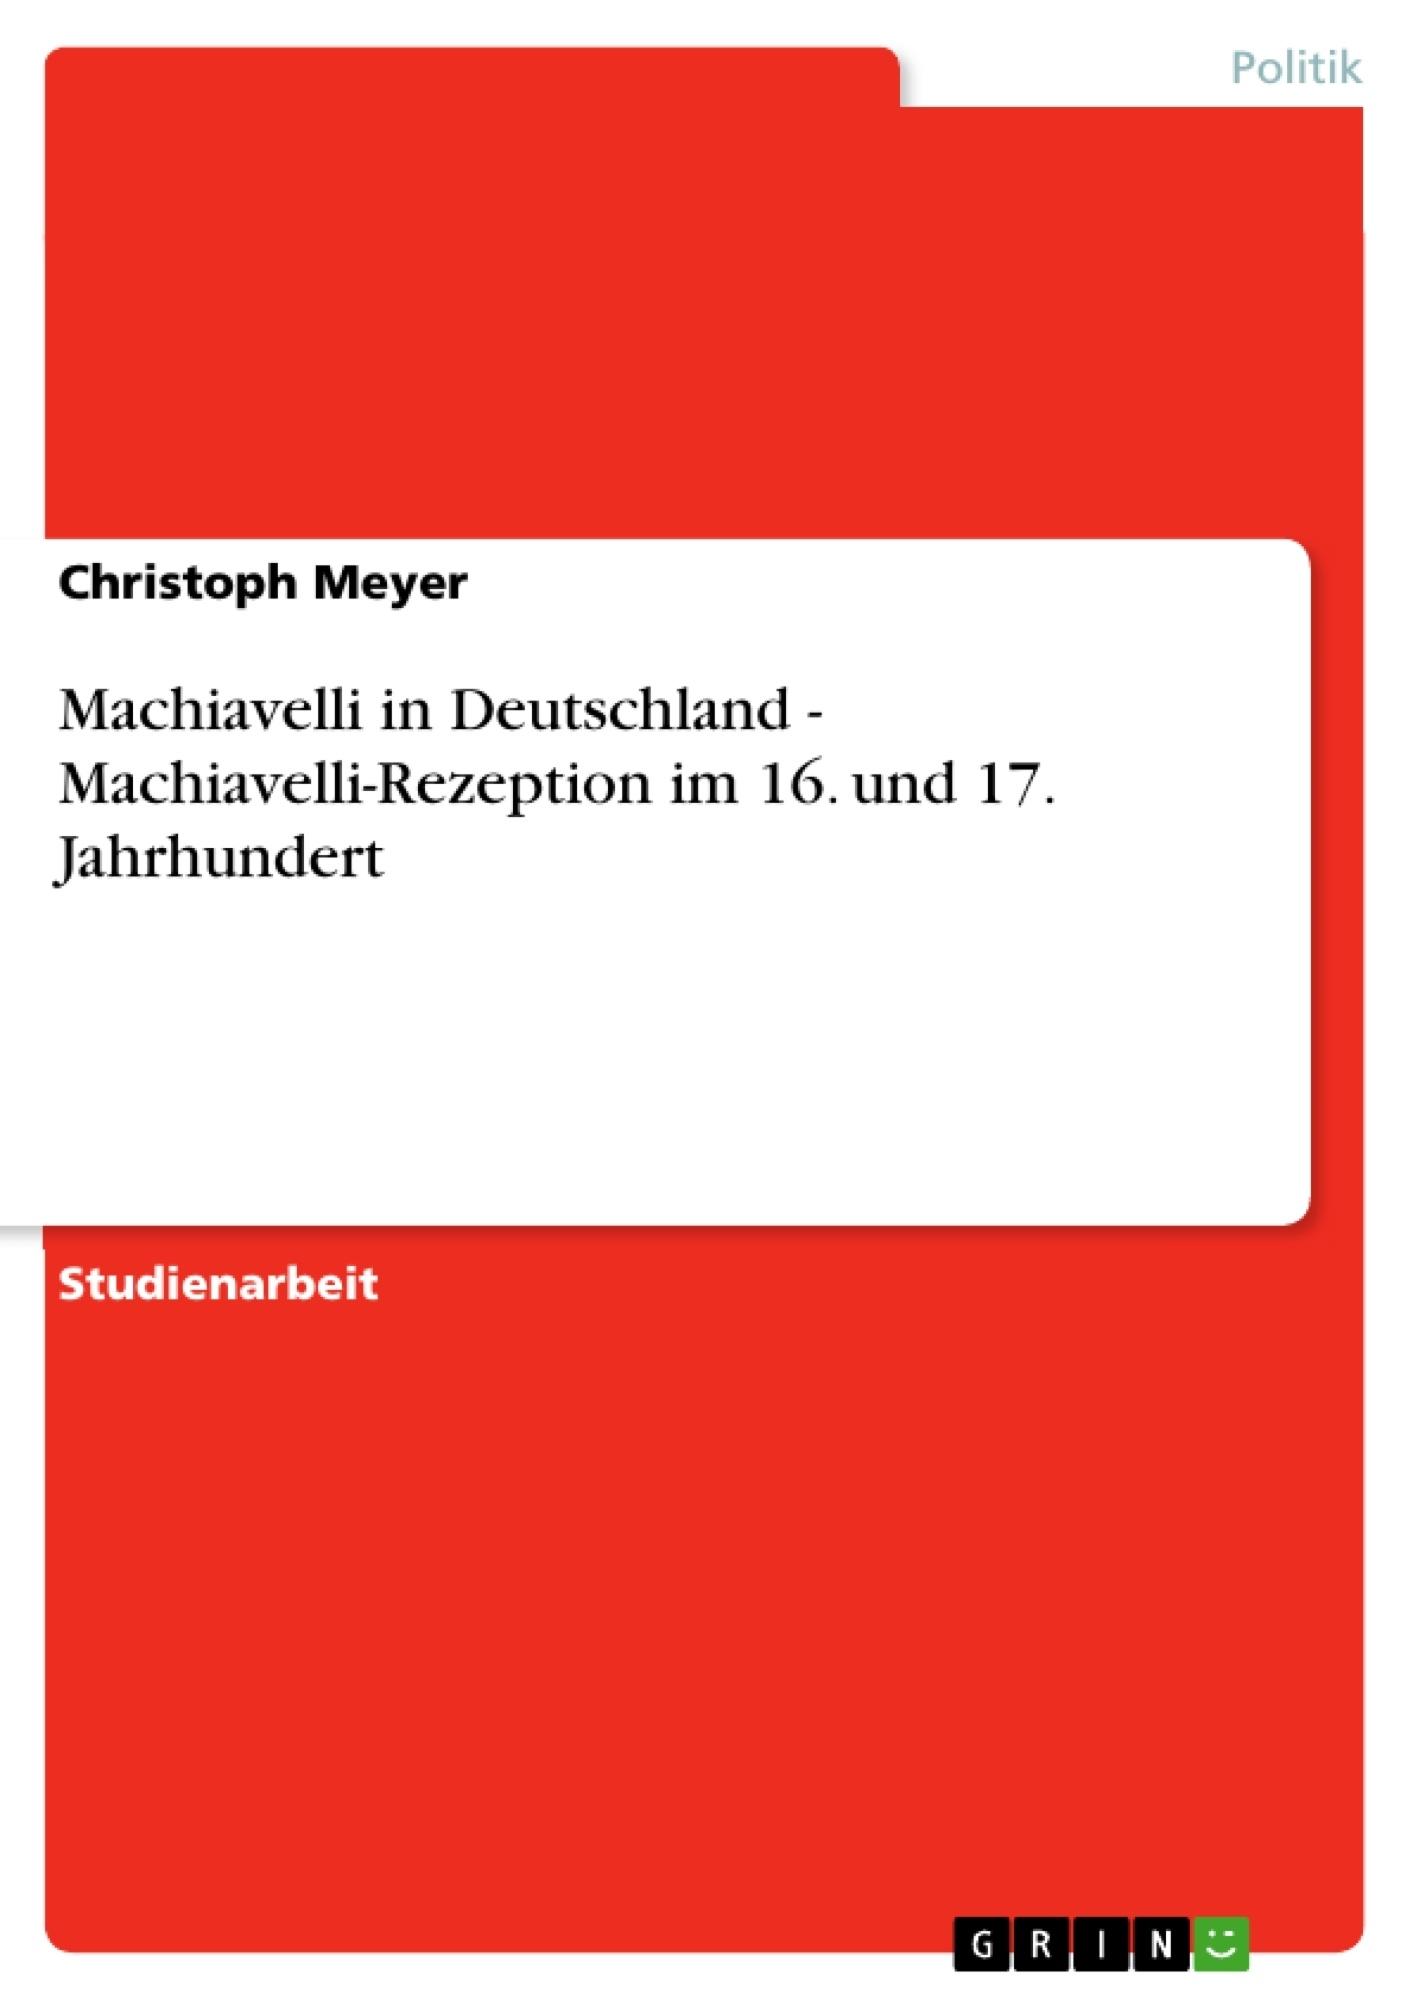 Titel: Machiavelli in Deutschland - Machiavelli-Rezeption im 16. und 17. Jahrhundert